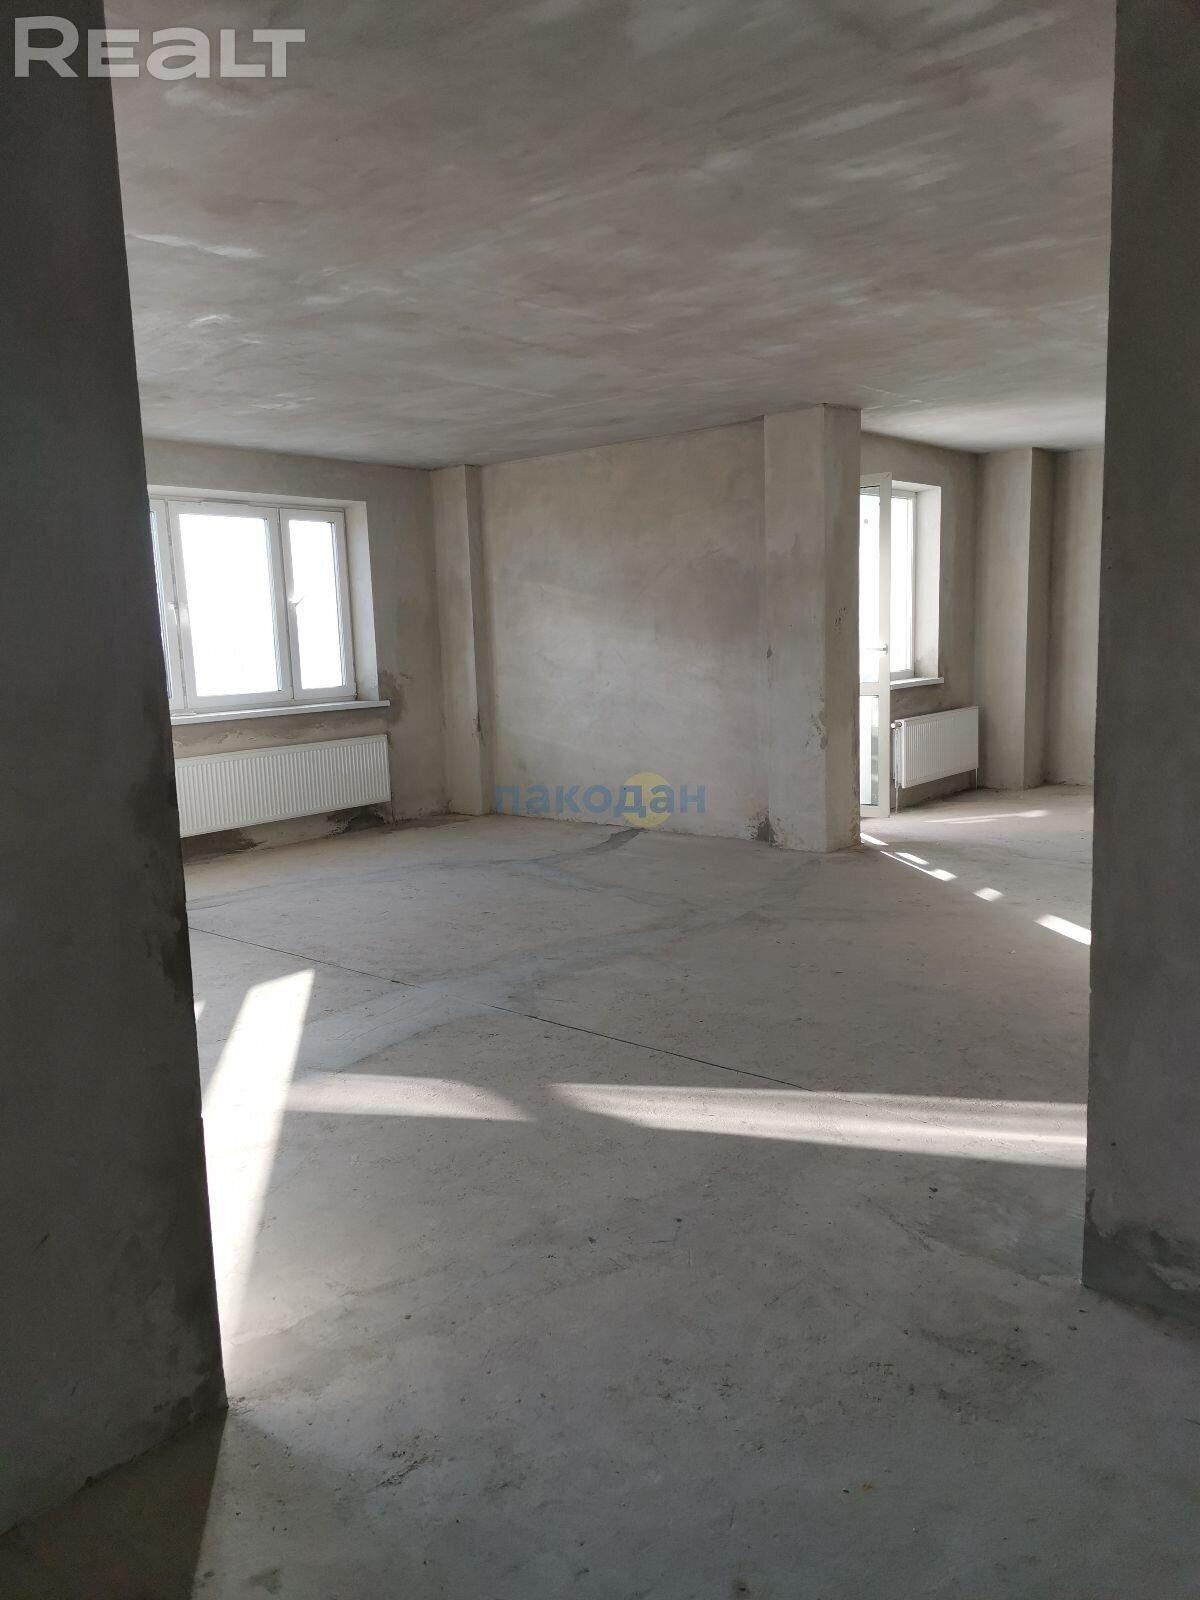 Продается 2-х комнатная квартира, пер. Железнодорожный 3-й д.10 - фото №9